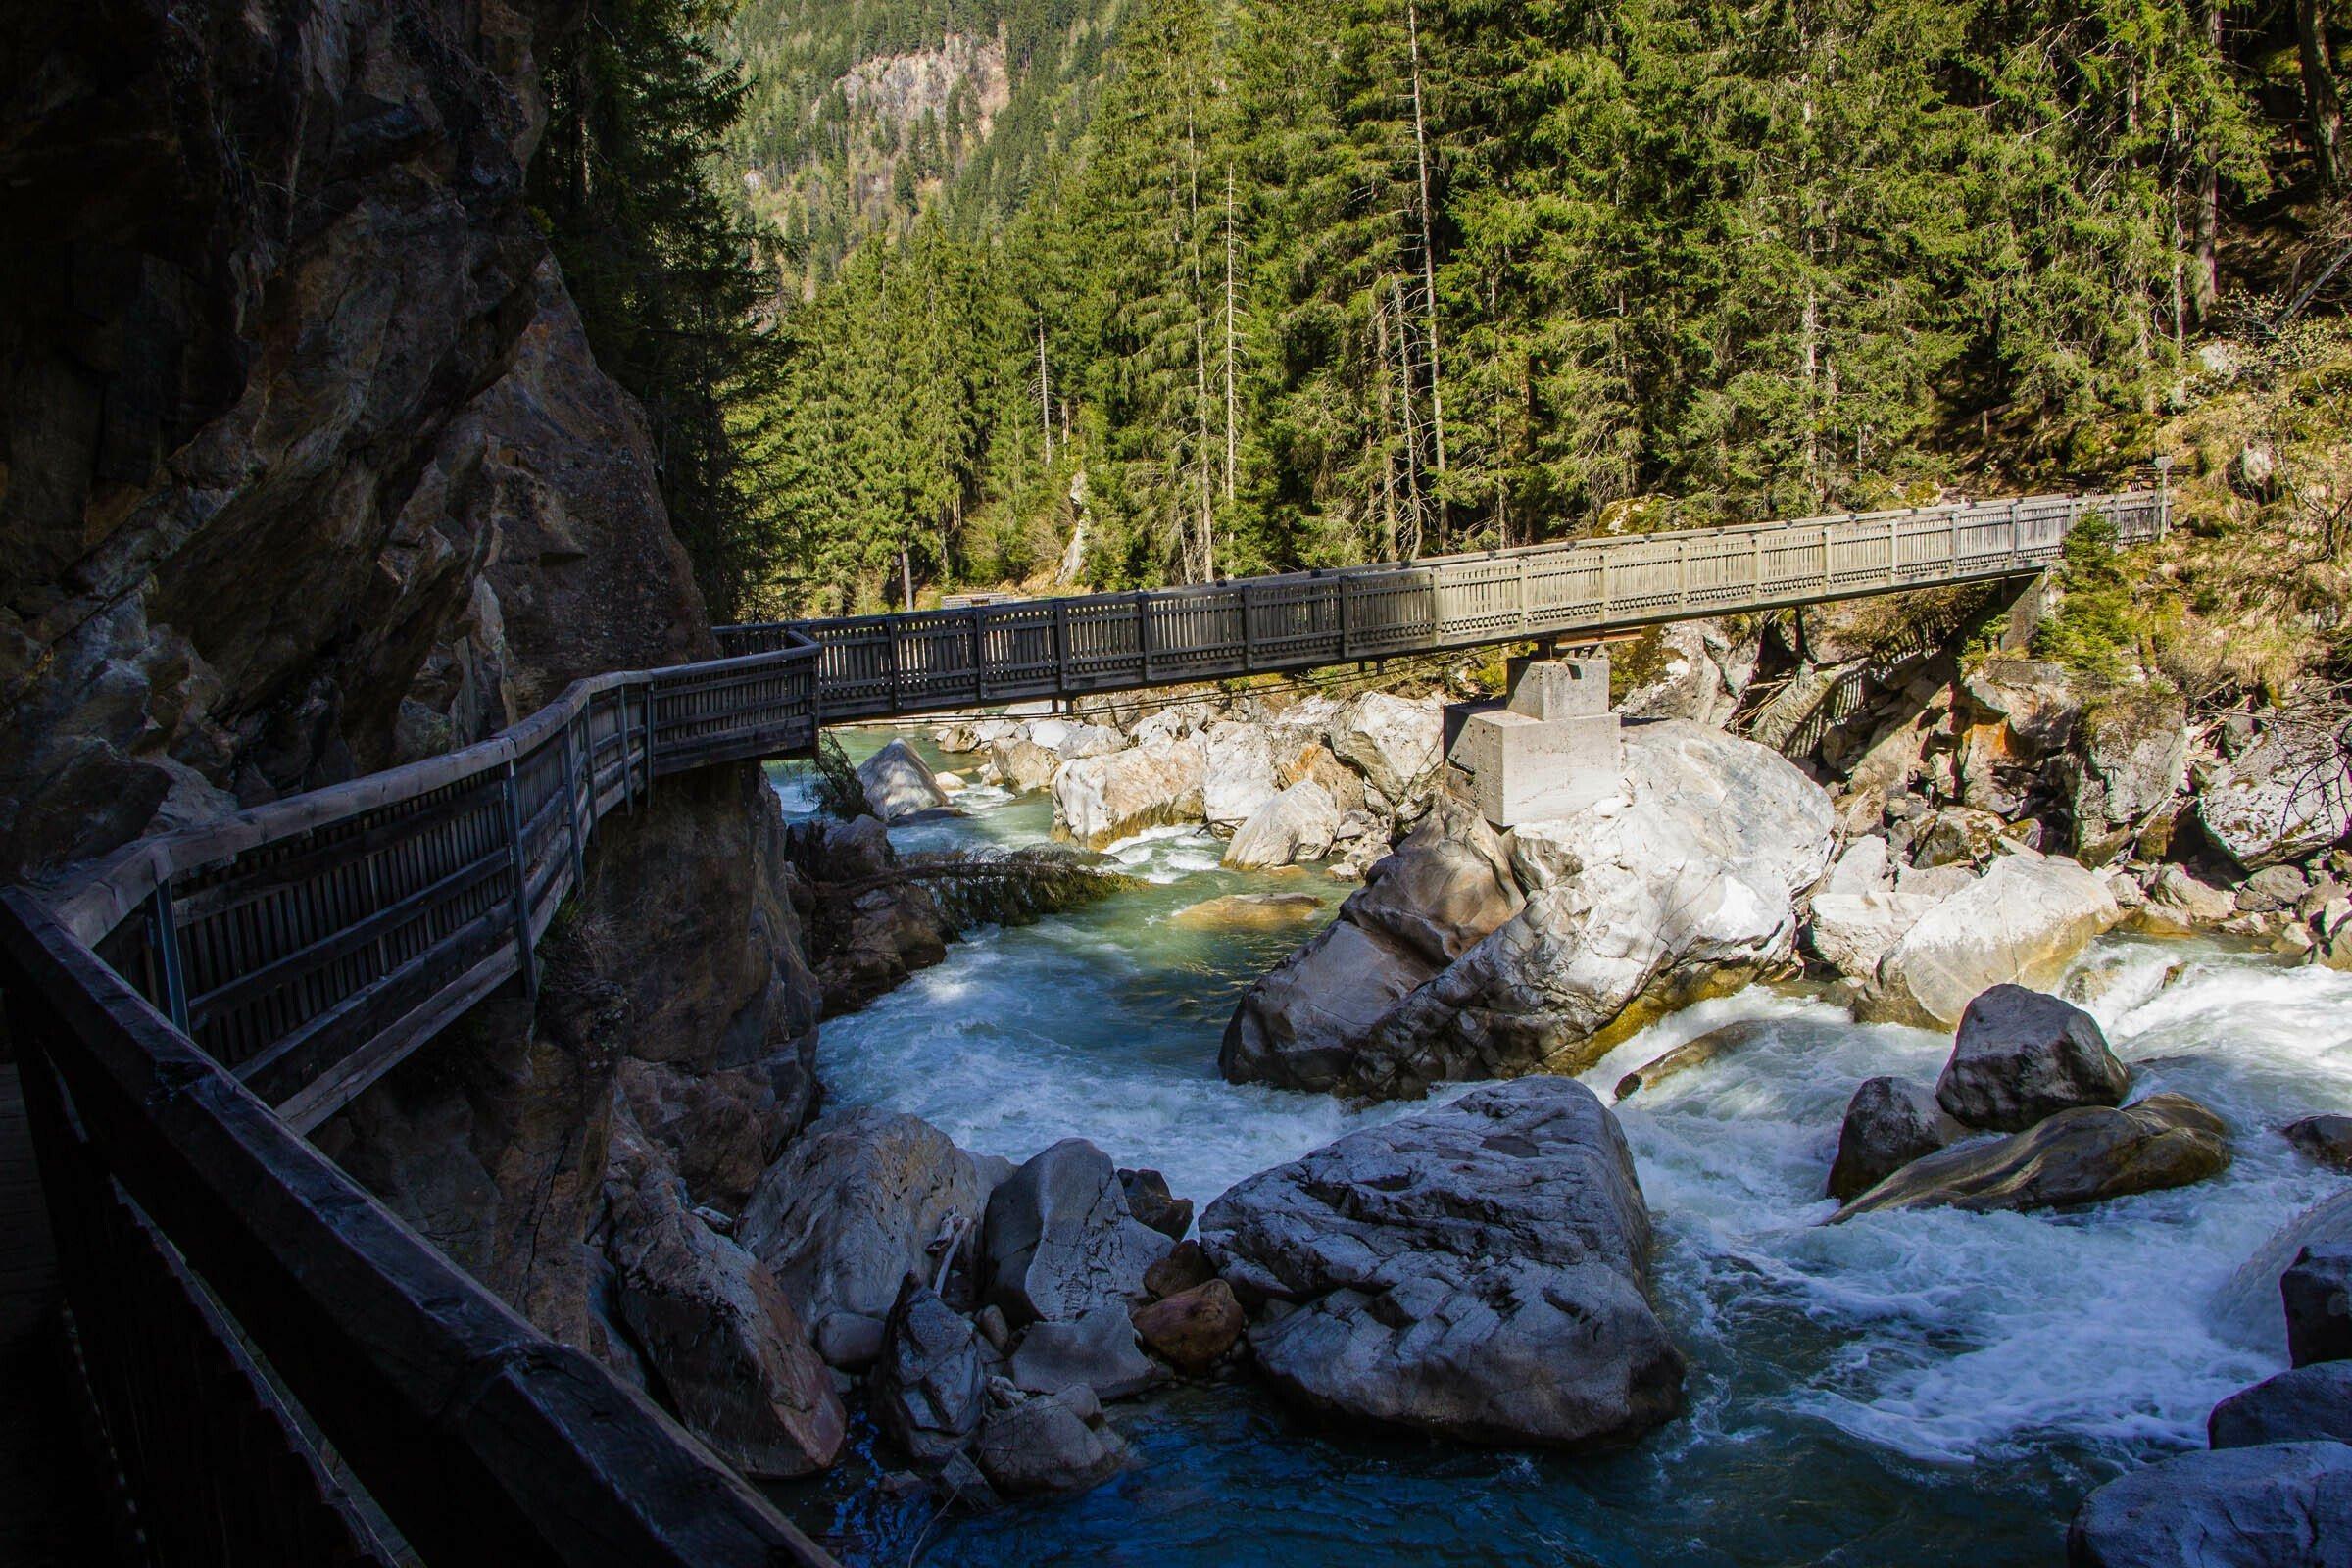 Wilder Gletscherbach mit großen Steinen und einer querenden Holzbrücke.